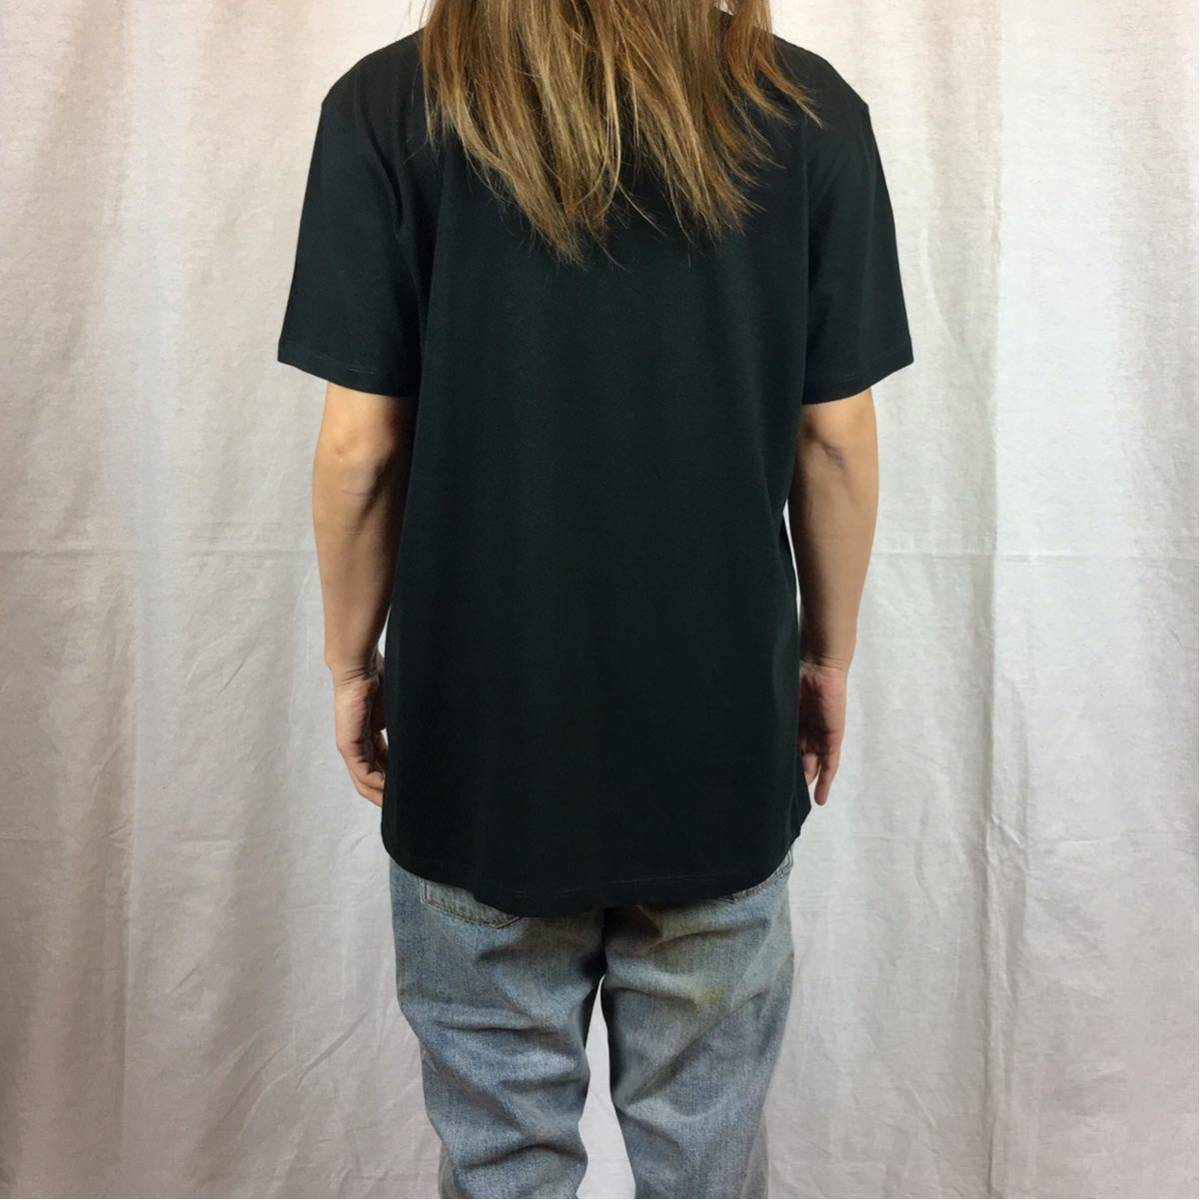 新品 大きい オーバー サイズ XXL 3XL 4XL 5XL 対応 クイーン フレディマーキュリー ボヘミアンラプソディ ビッグ 黒 Tシャツ ロンT 可能_画像4